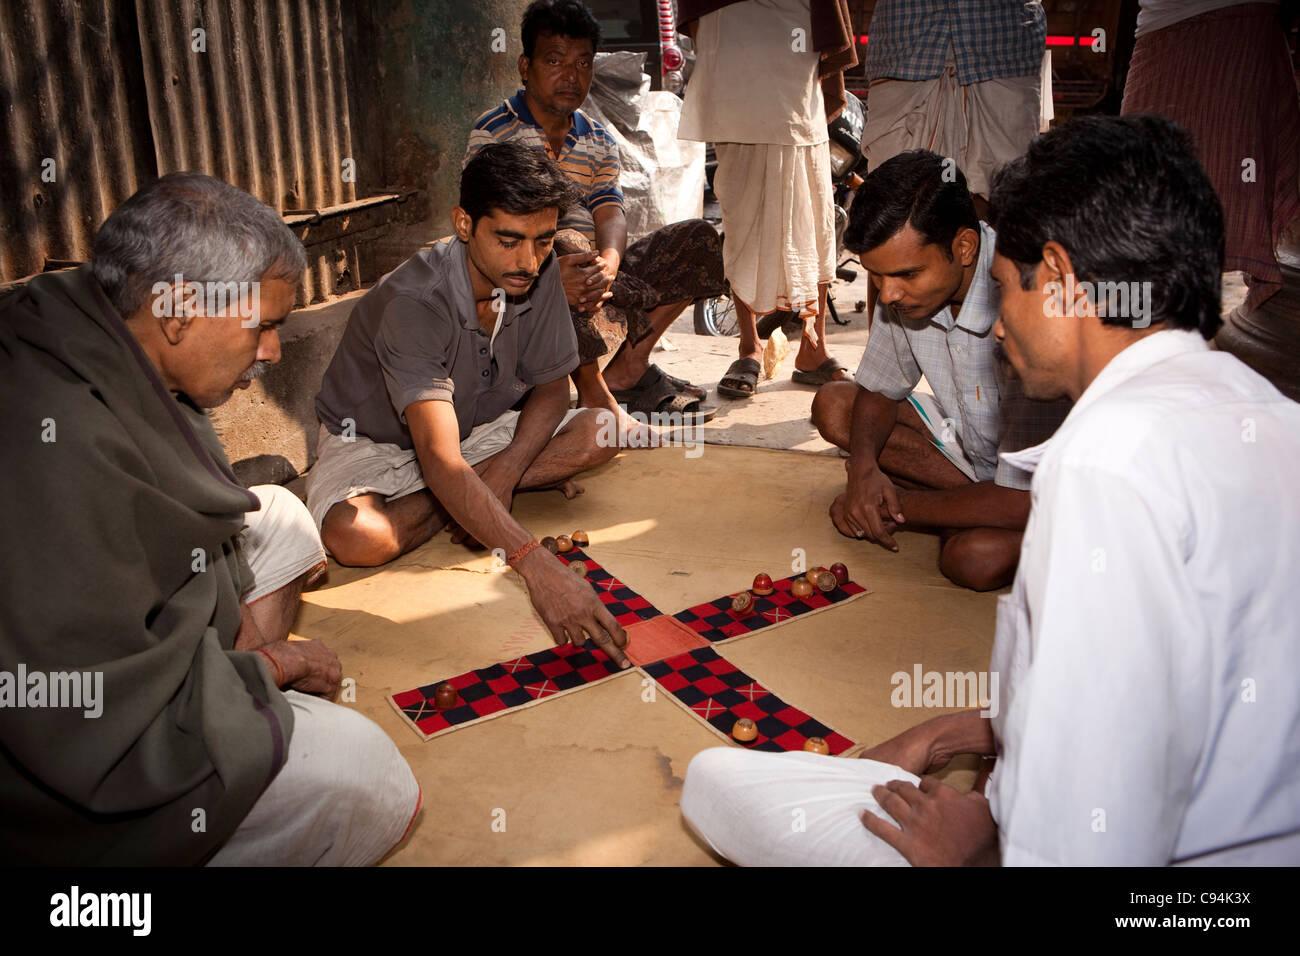 India, West Bengal, Kolkata, leisure, men playing Pachisi Bengali board game - Stock Image